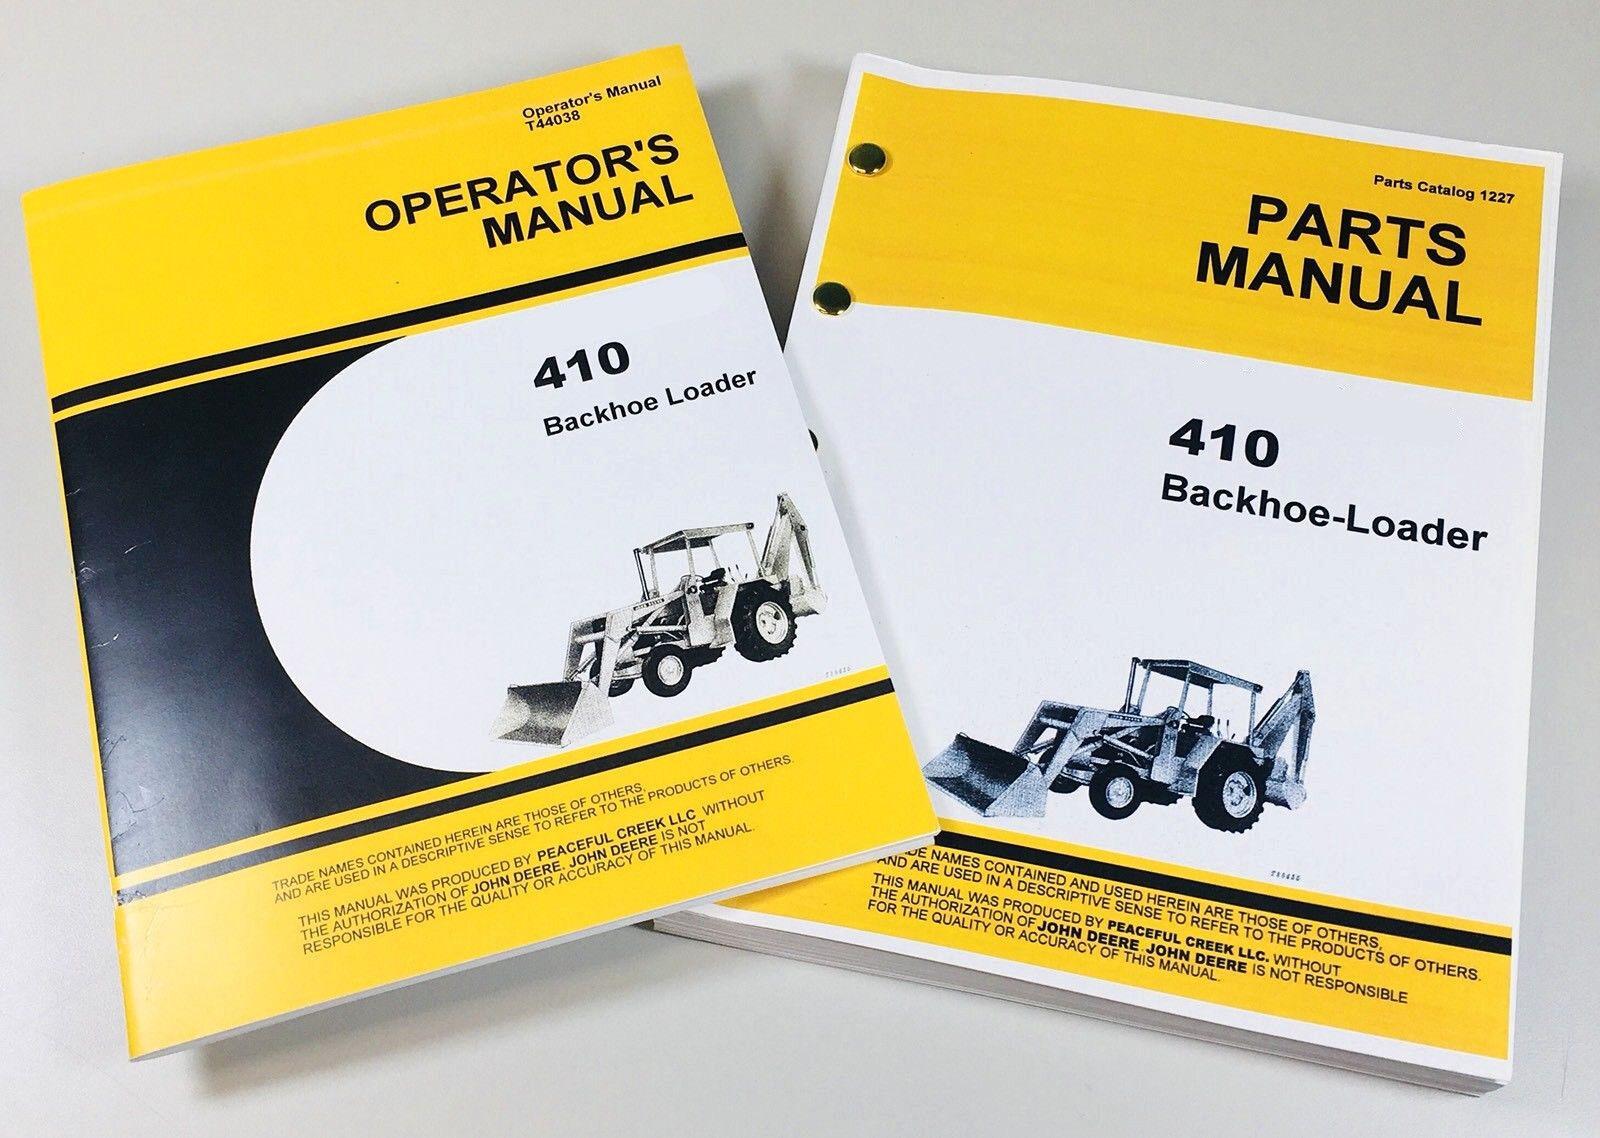 operators manual set for john deere jd410 loader backhoe parts rh ebay com john deere 410 backhoe parts manual john deere 410j backhoe manual pdf